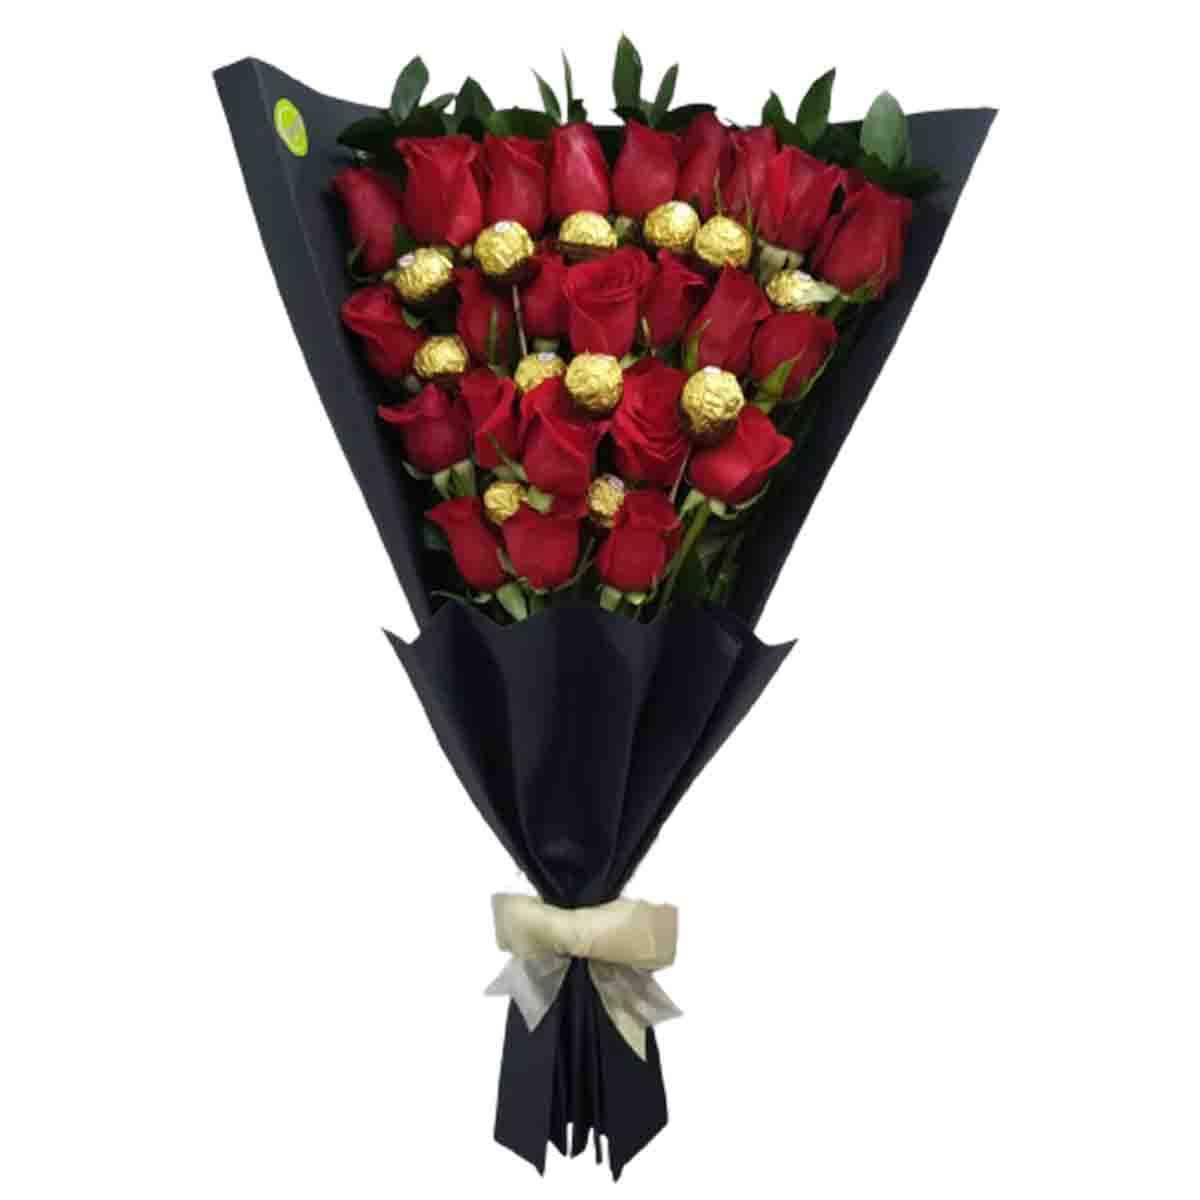 Ramillete de 2 docenas de rosas y una docena de bombones